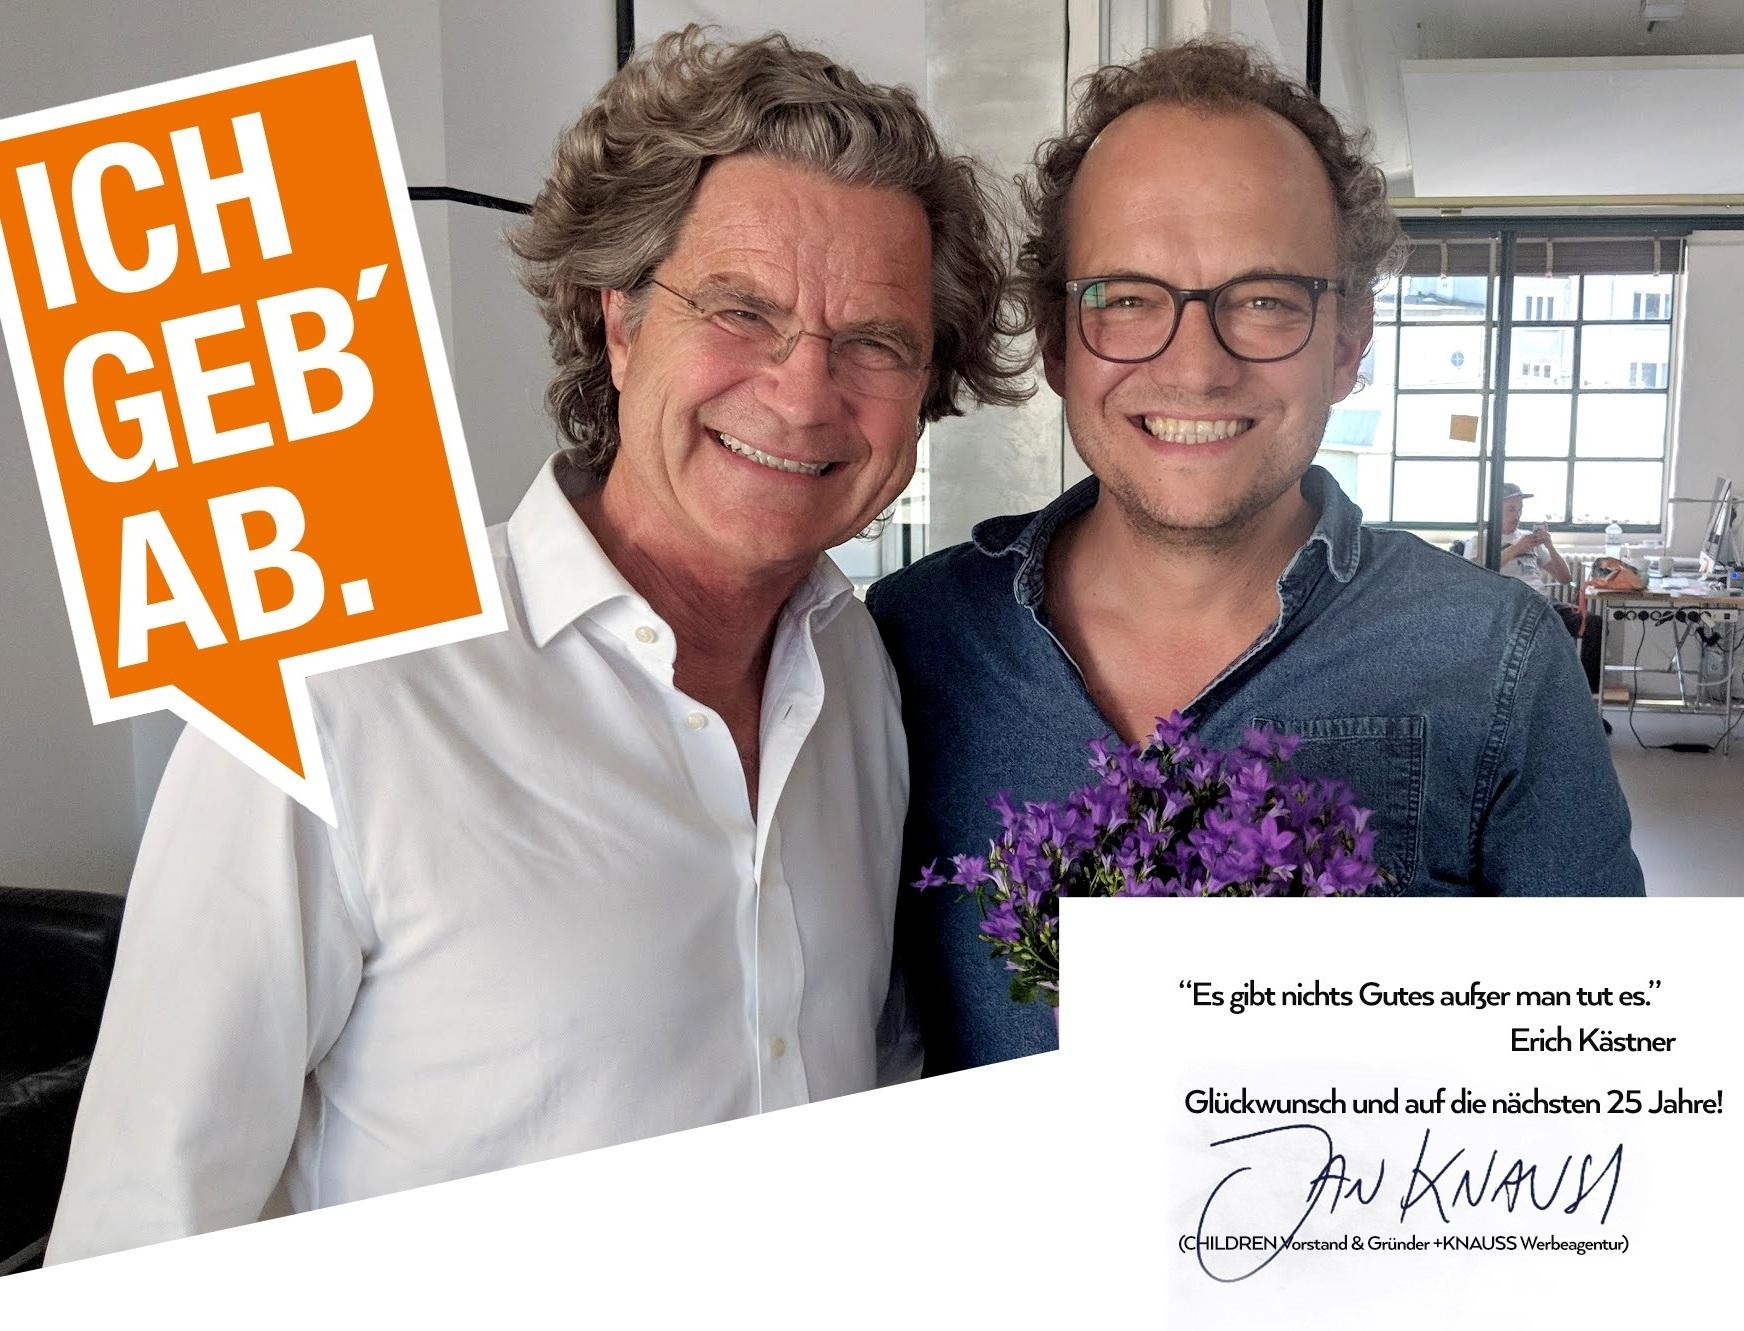 Glückwünsche von Jan Knauss, CHILDREN Vorstand und Gründer +KNAUSS Werbeagentur